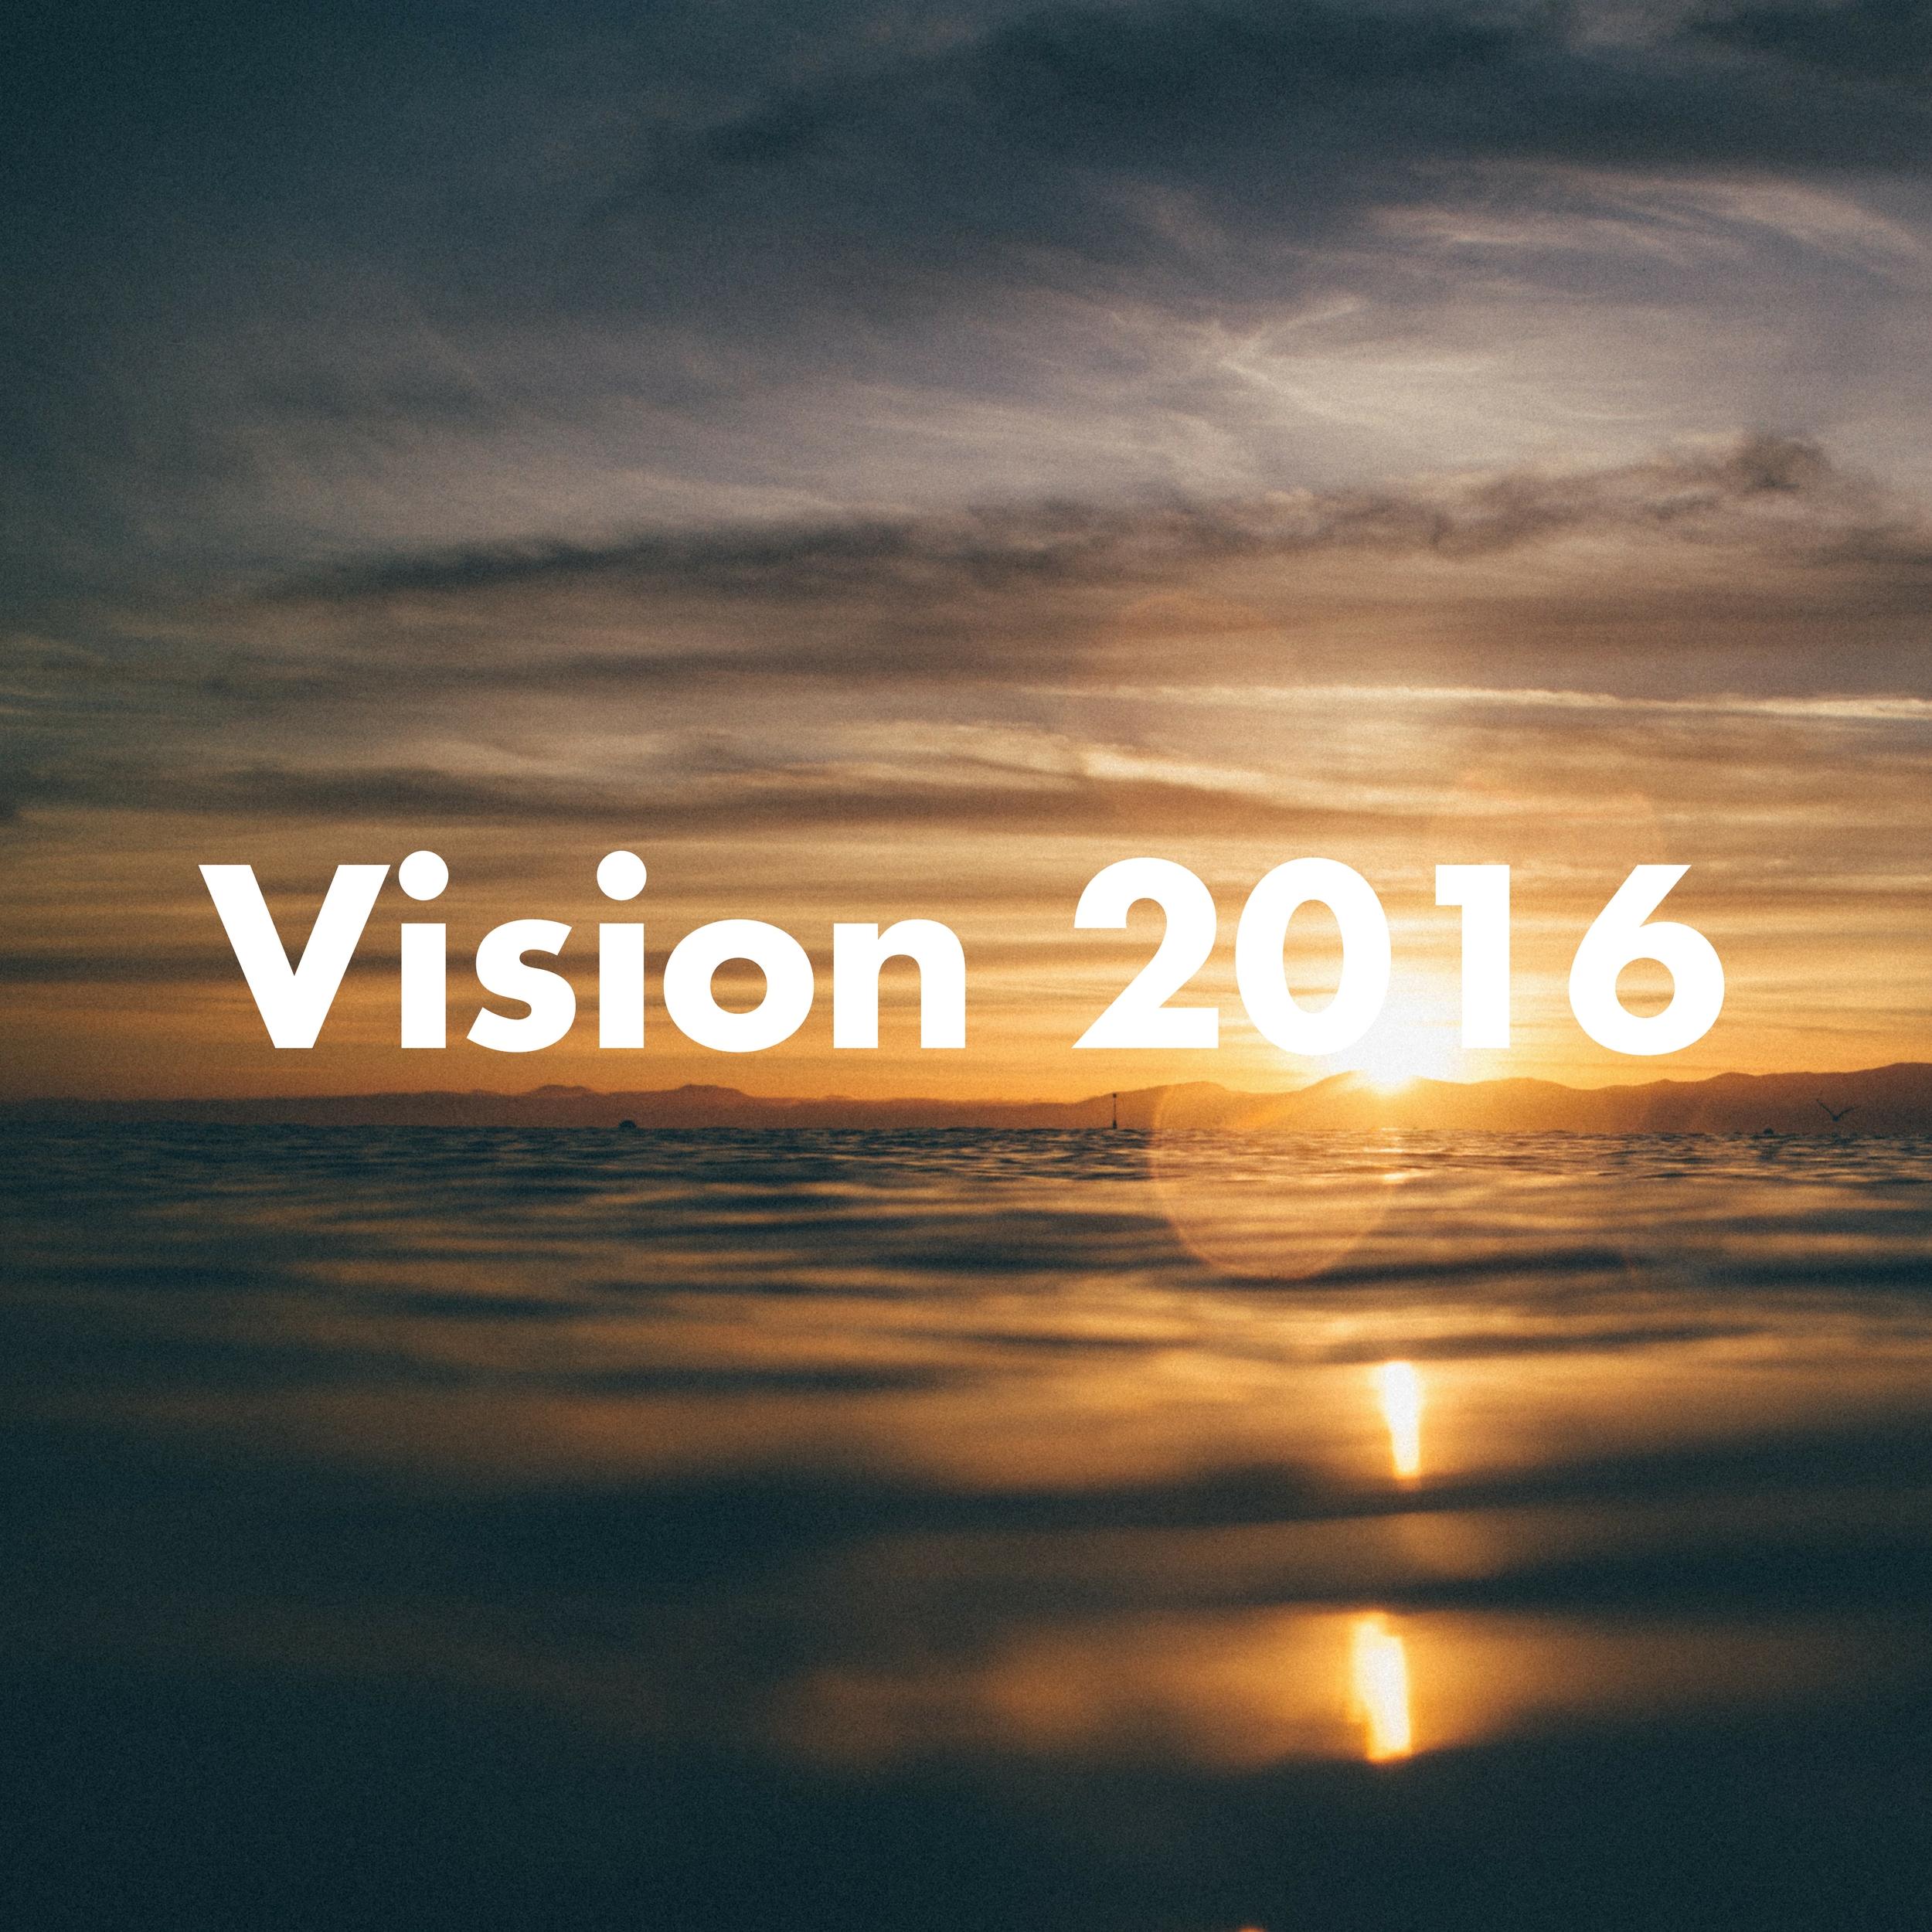 Vision 2016.jpg